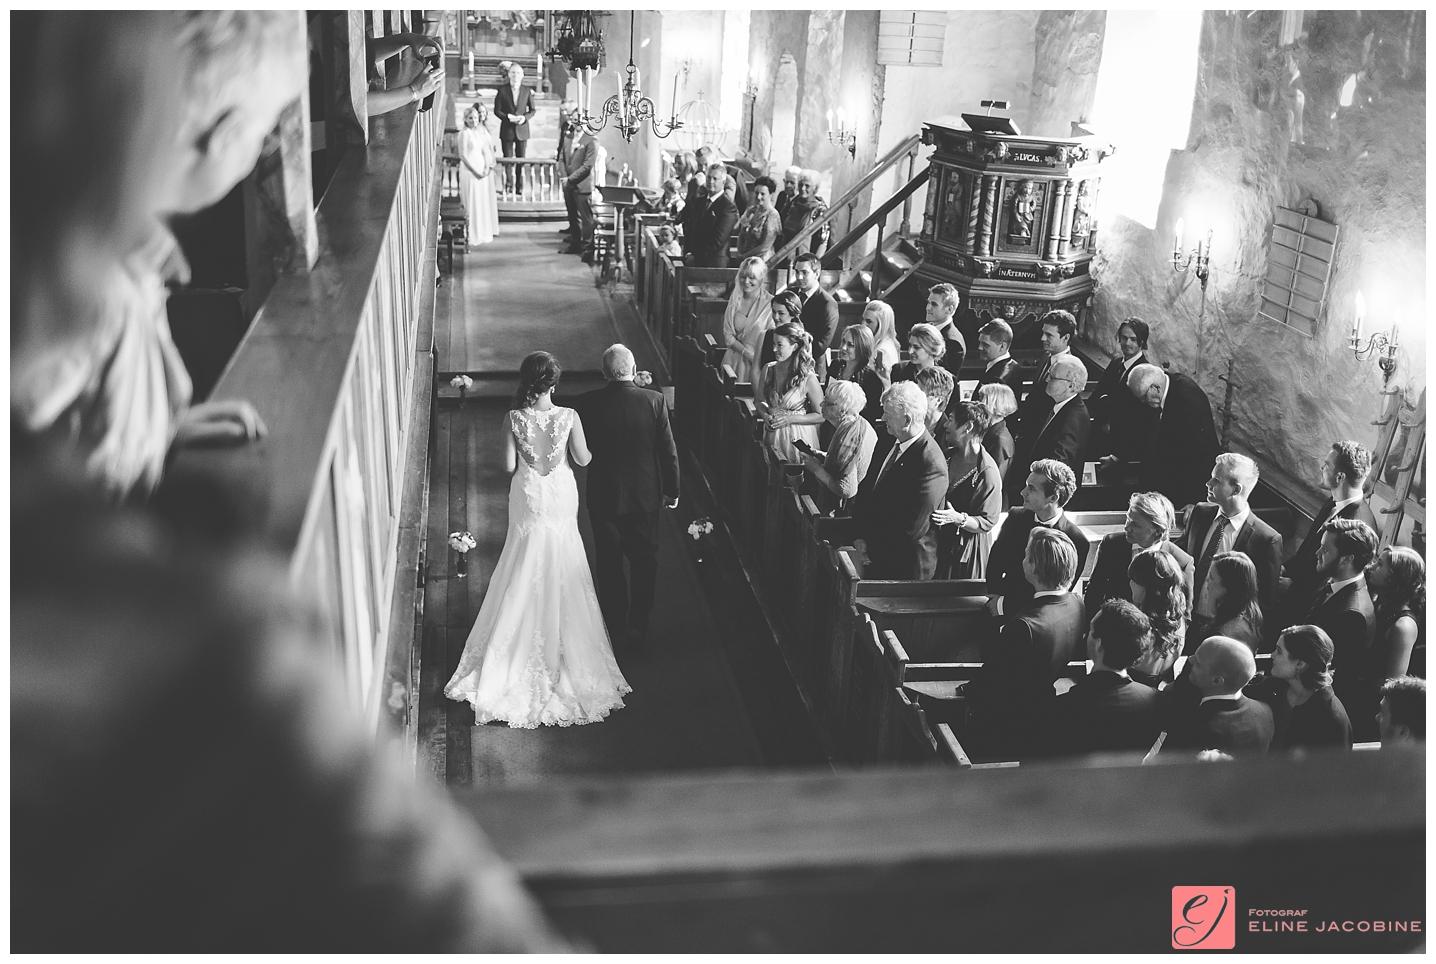 Fotograf-Eline-Jacobine-Bryllupsfotografering-Strand-Hotell-Fevik-Marte-og-Magnus_0019